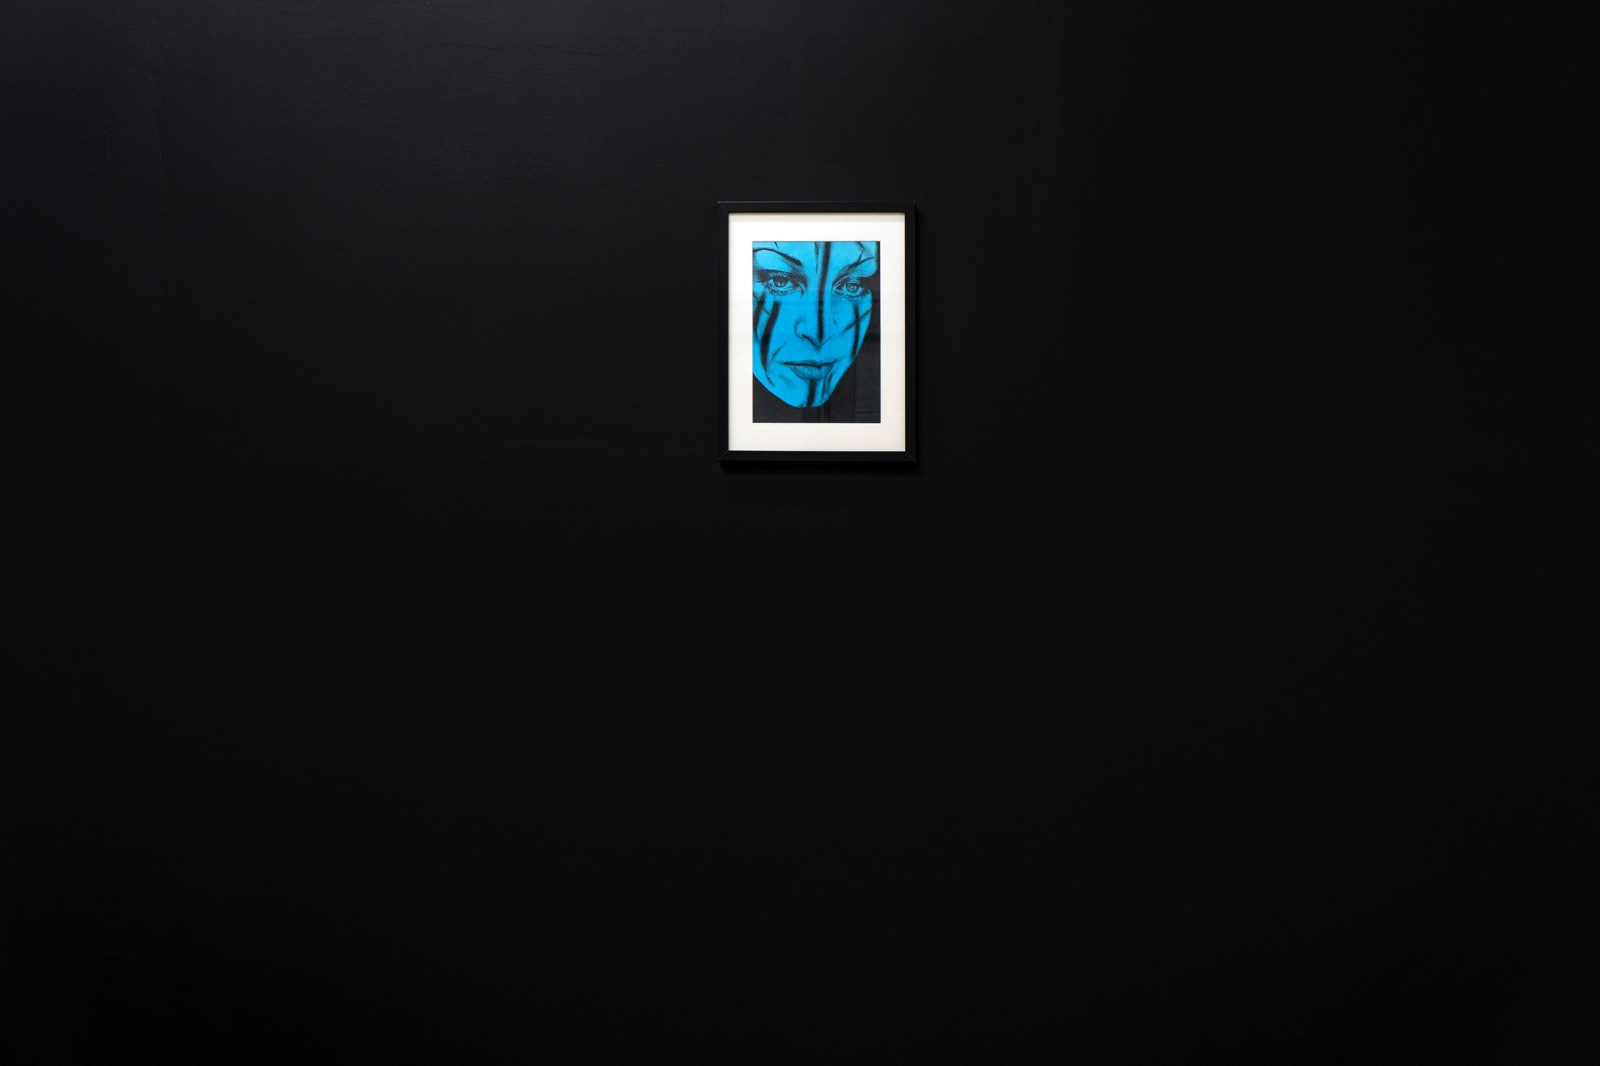 Rdc-Myriam-Mechita-Transpalette-Portrait-03 Resized.jpg